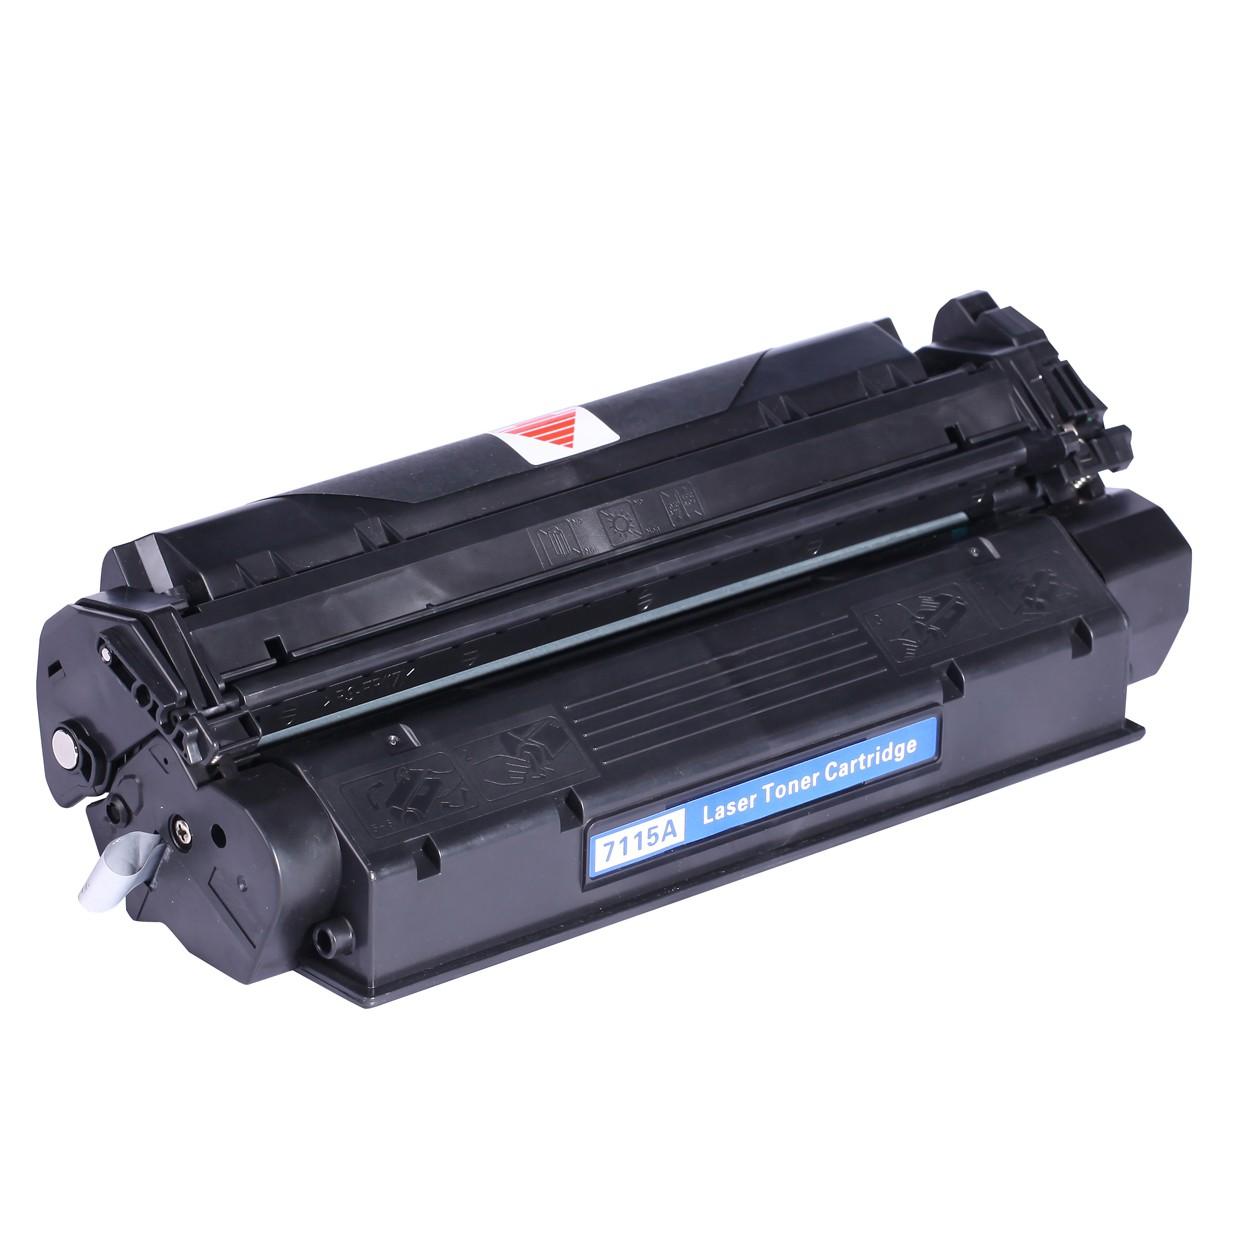 HP C7115A (15A) Lasertoner, sort, kompatibel (2500 sider)